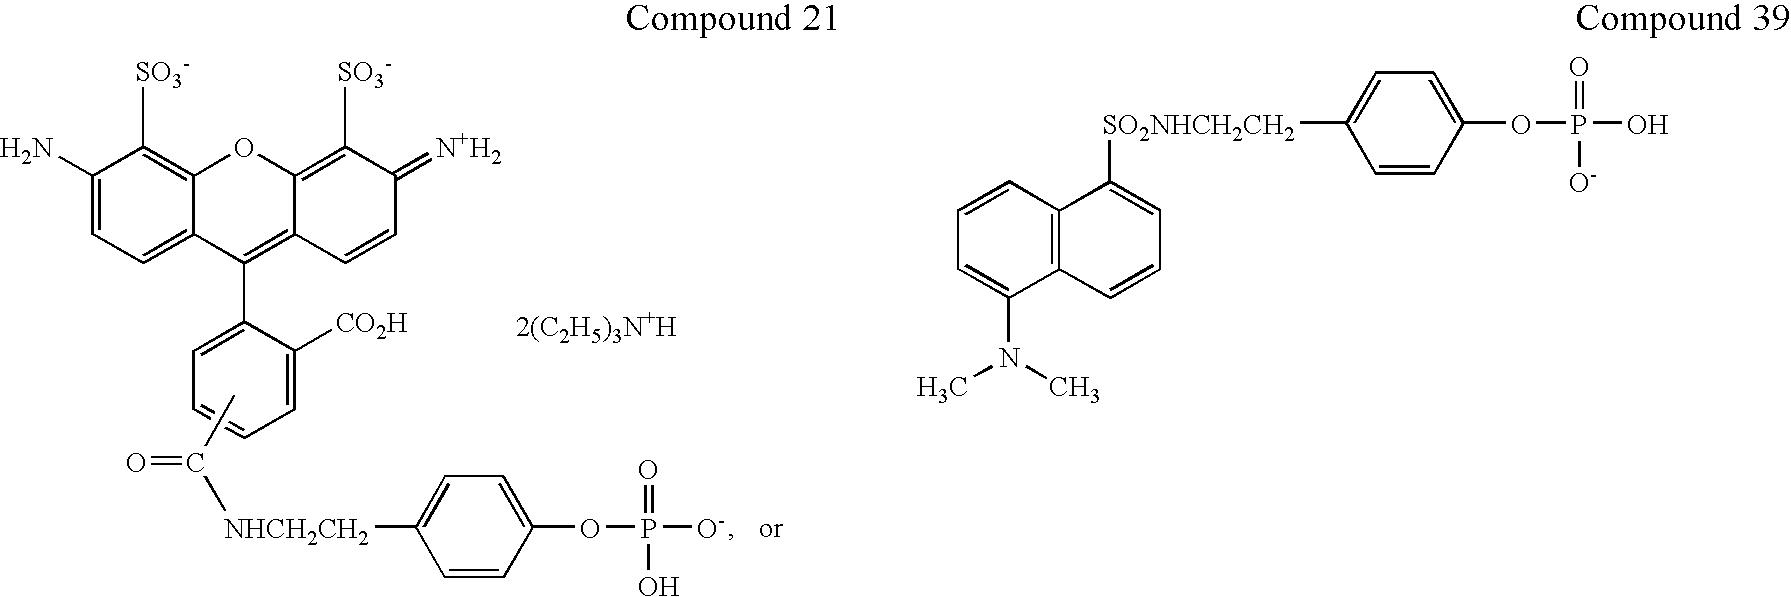 Figure US07282339-20071016-C00040